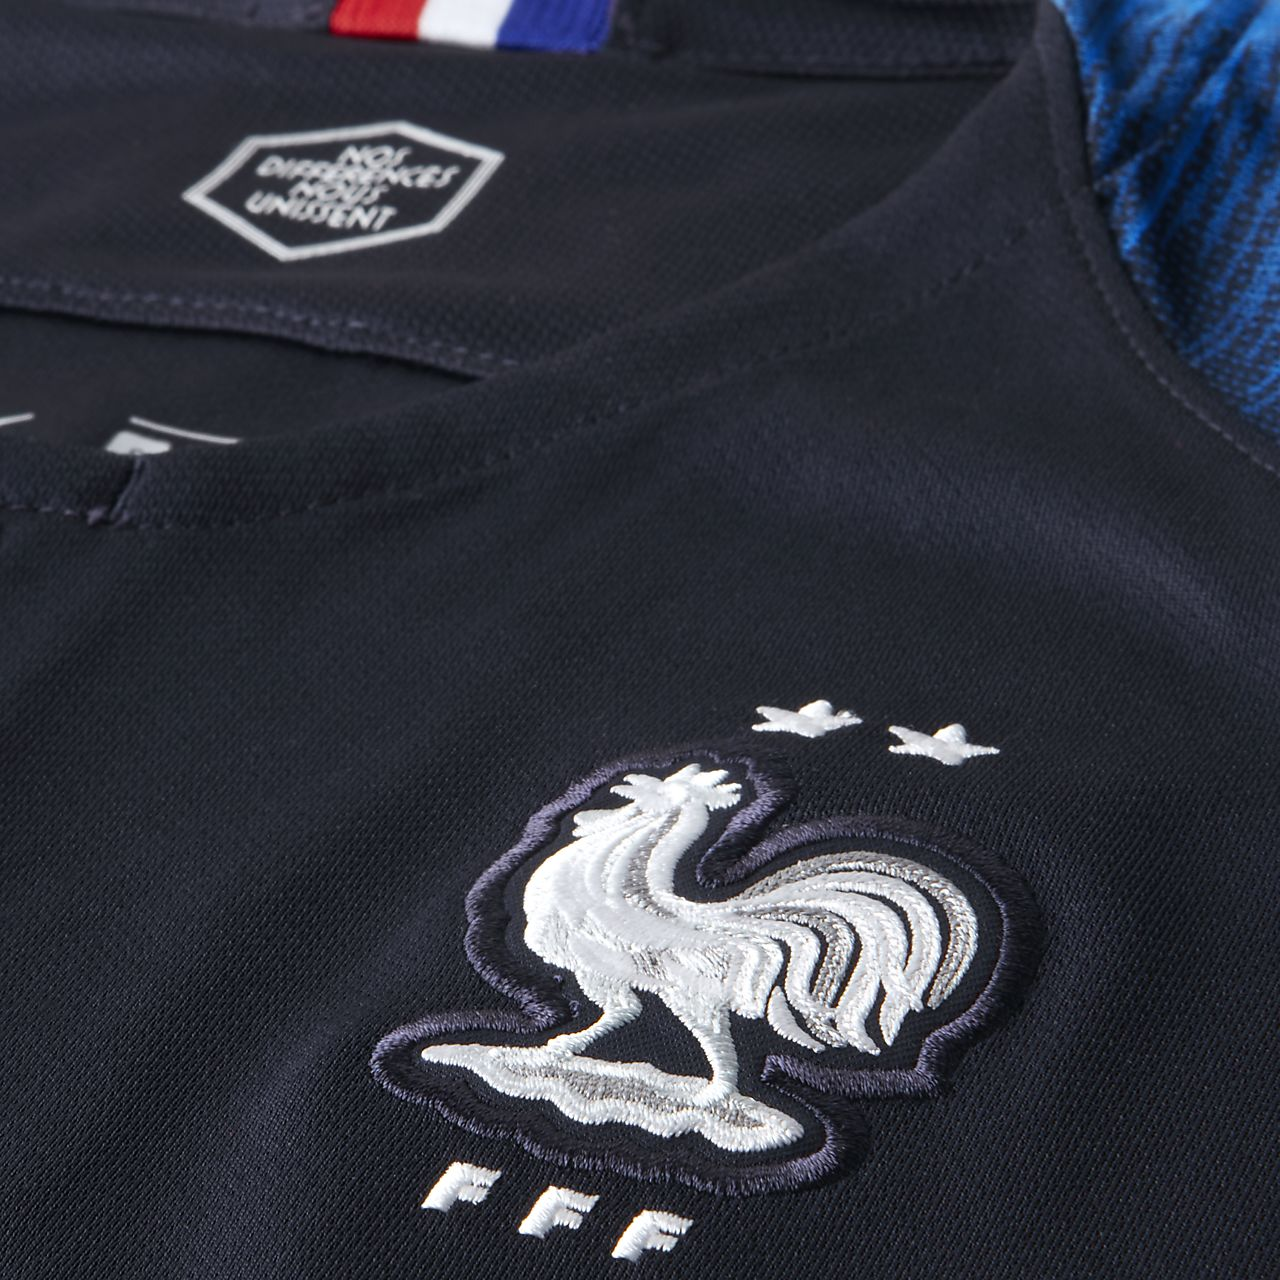 61de455e0 2018 FFF Stadium Home Women's Football Shirt. Nike.com NZ